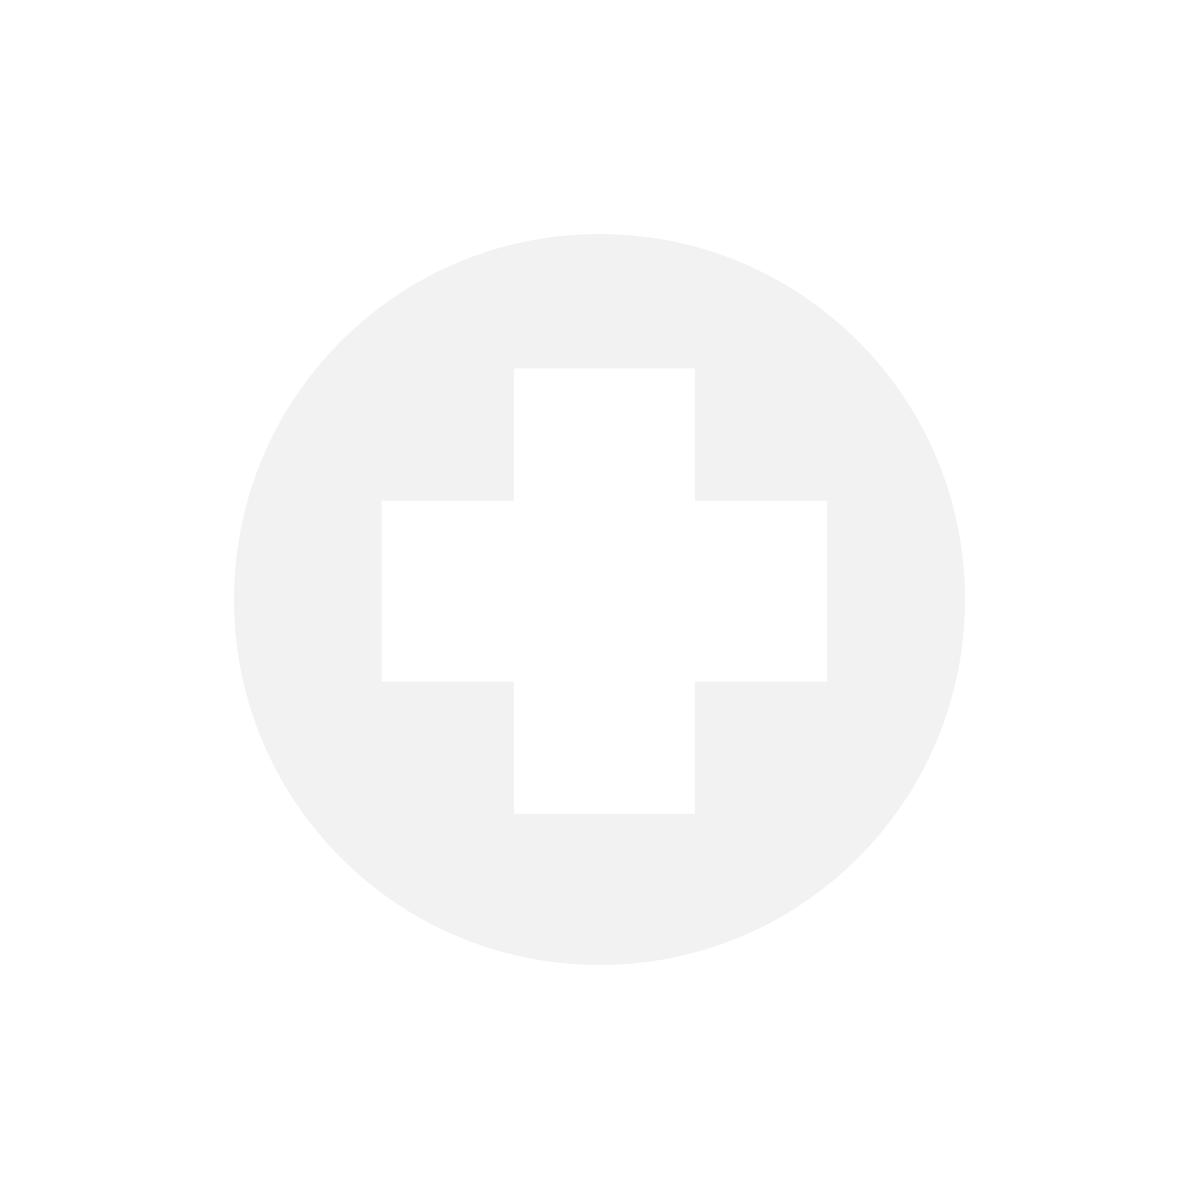 Oeufs à malaxer (résistance au choix)